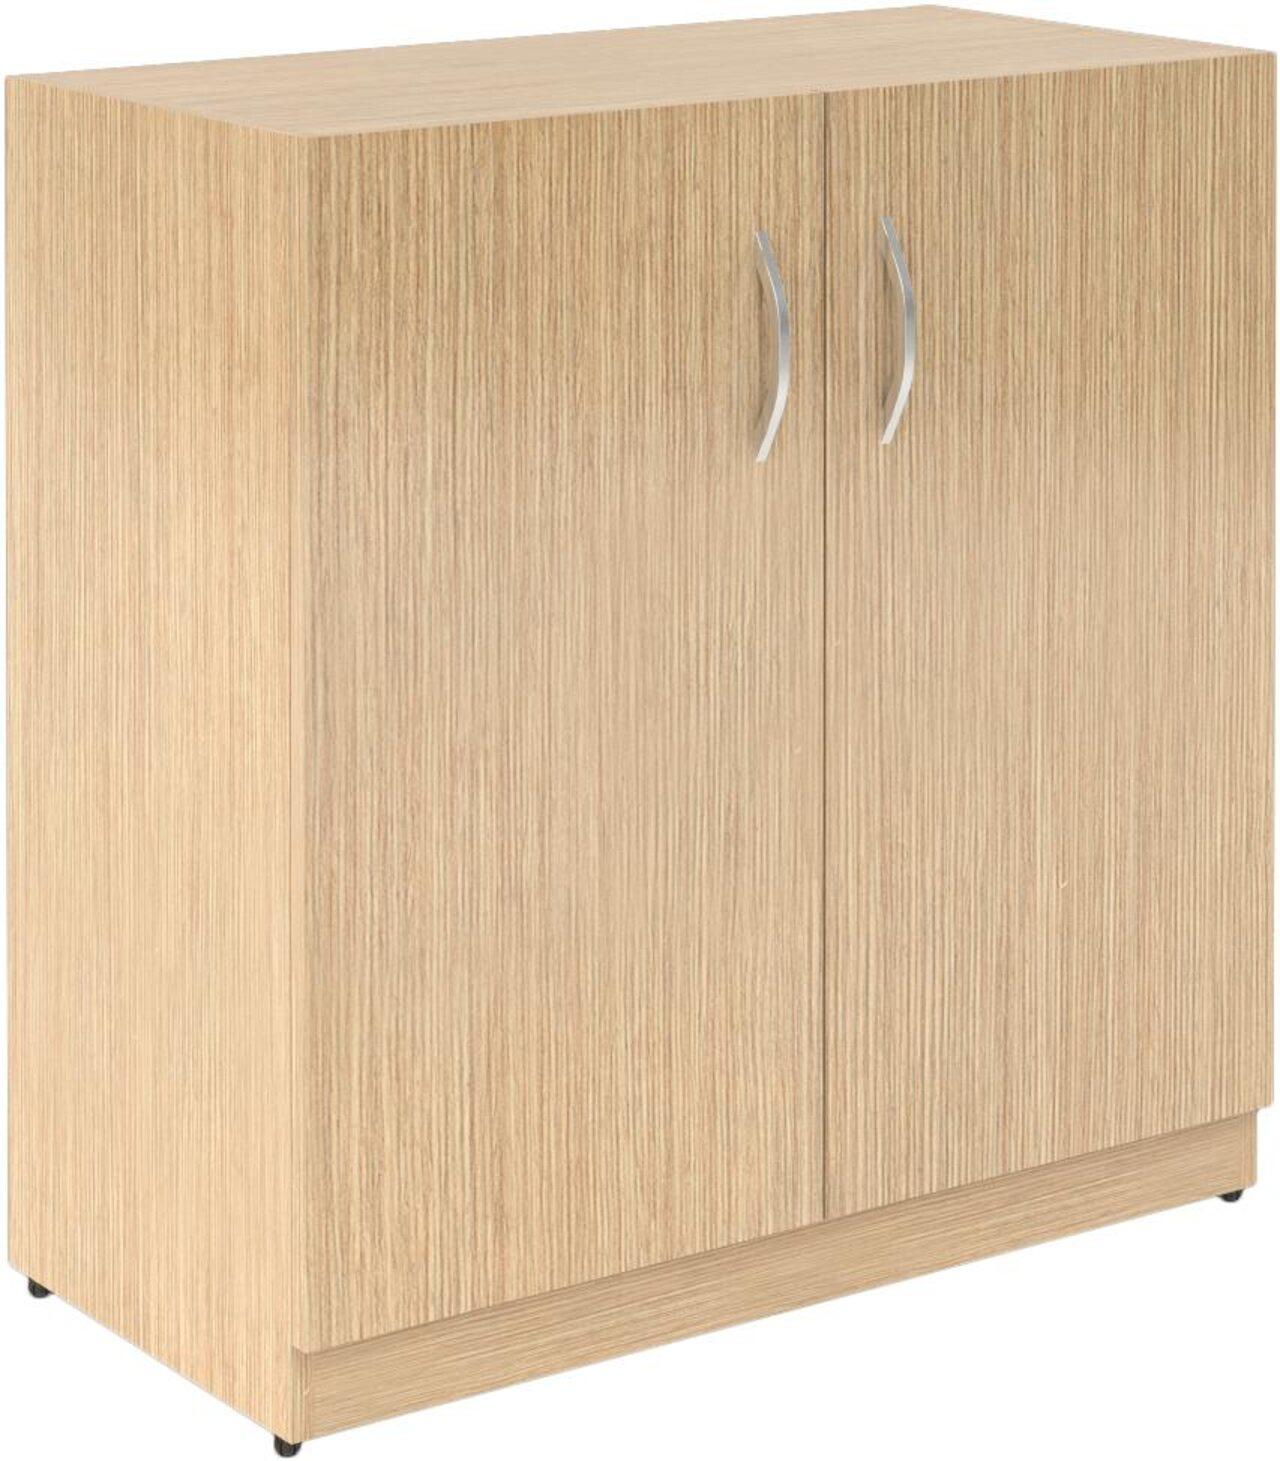 Шкаф широкий  Simple 77x38x79 - фото 1